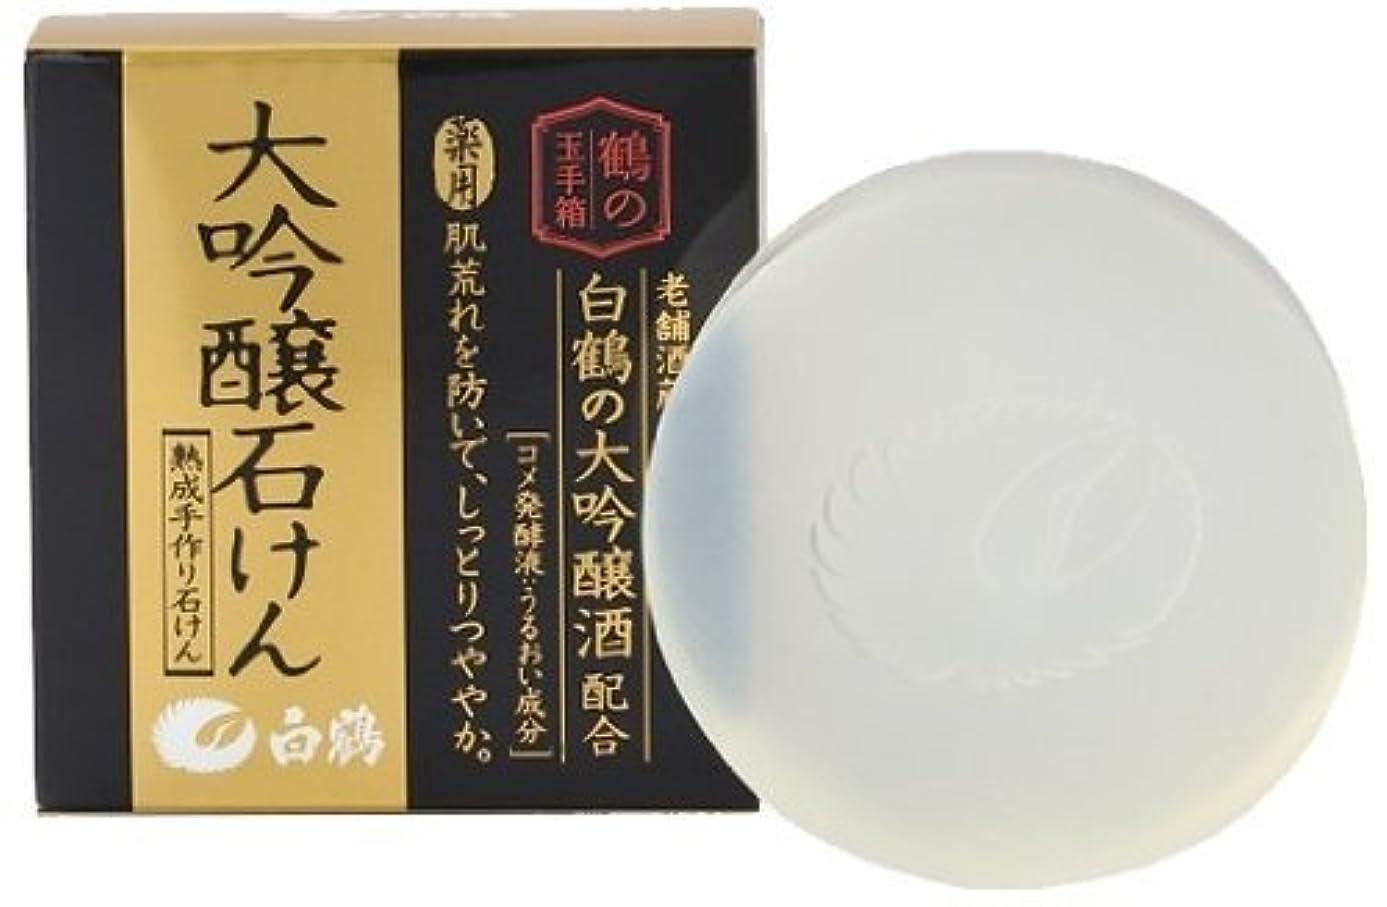 答えピンク法令白鶴 鶴の玉手箱 大吟醸石けん 100g × 5個 (薬用)(医薬部外品)